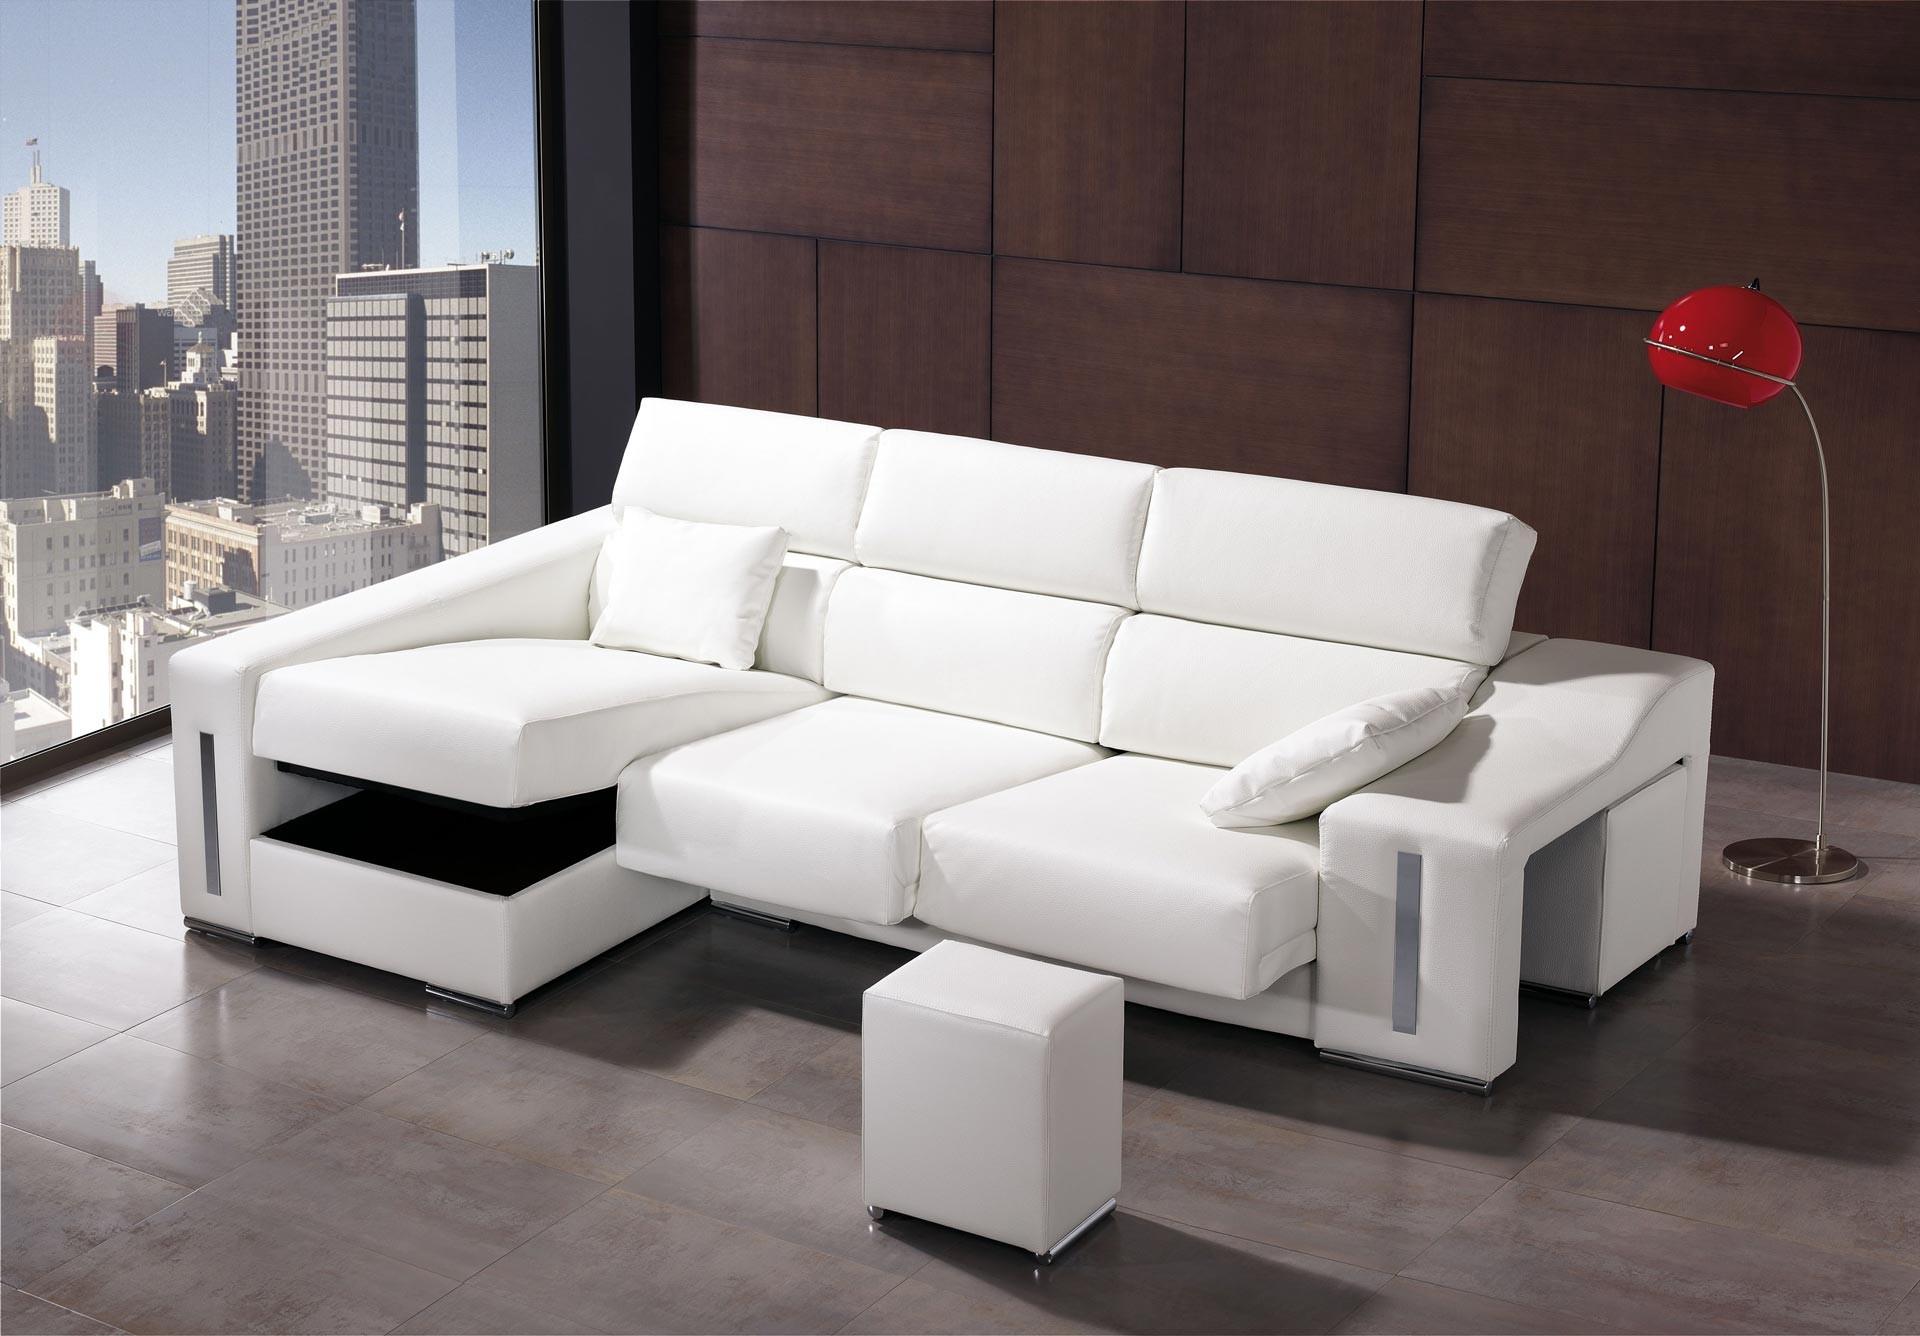 Cu les son los muebles m s adecuados para un piso peque o for Muebles piso pequeno